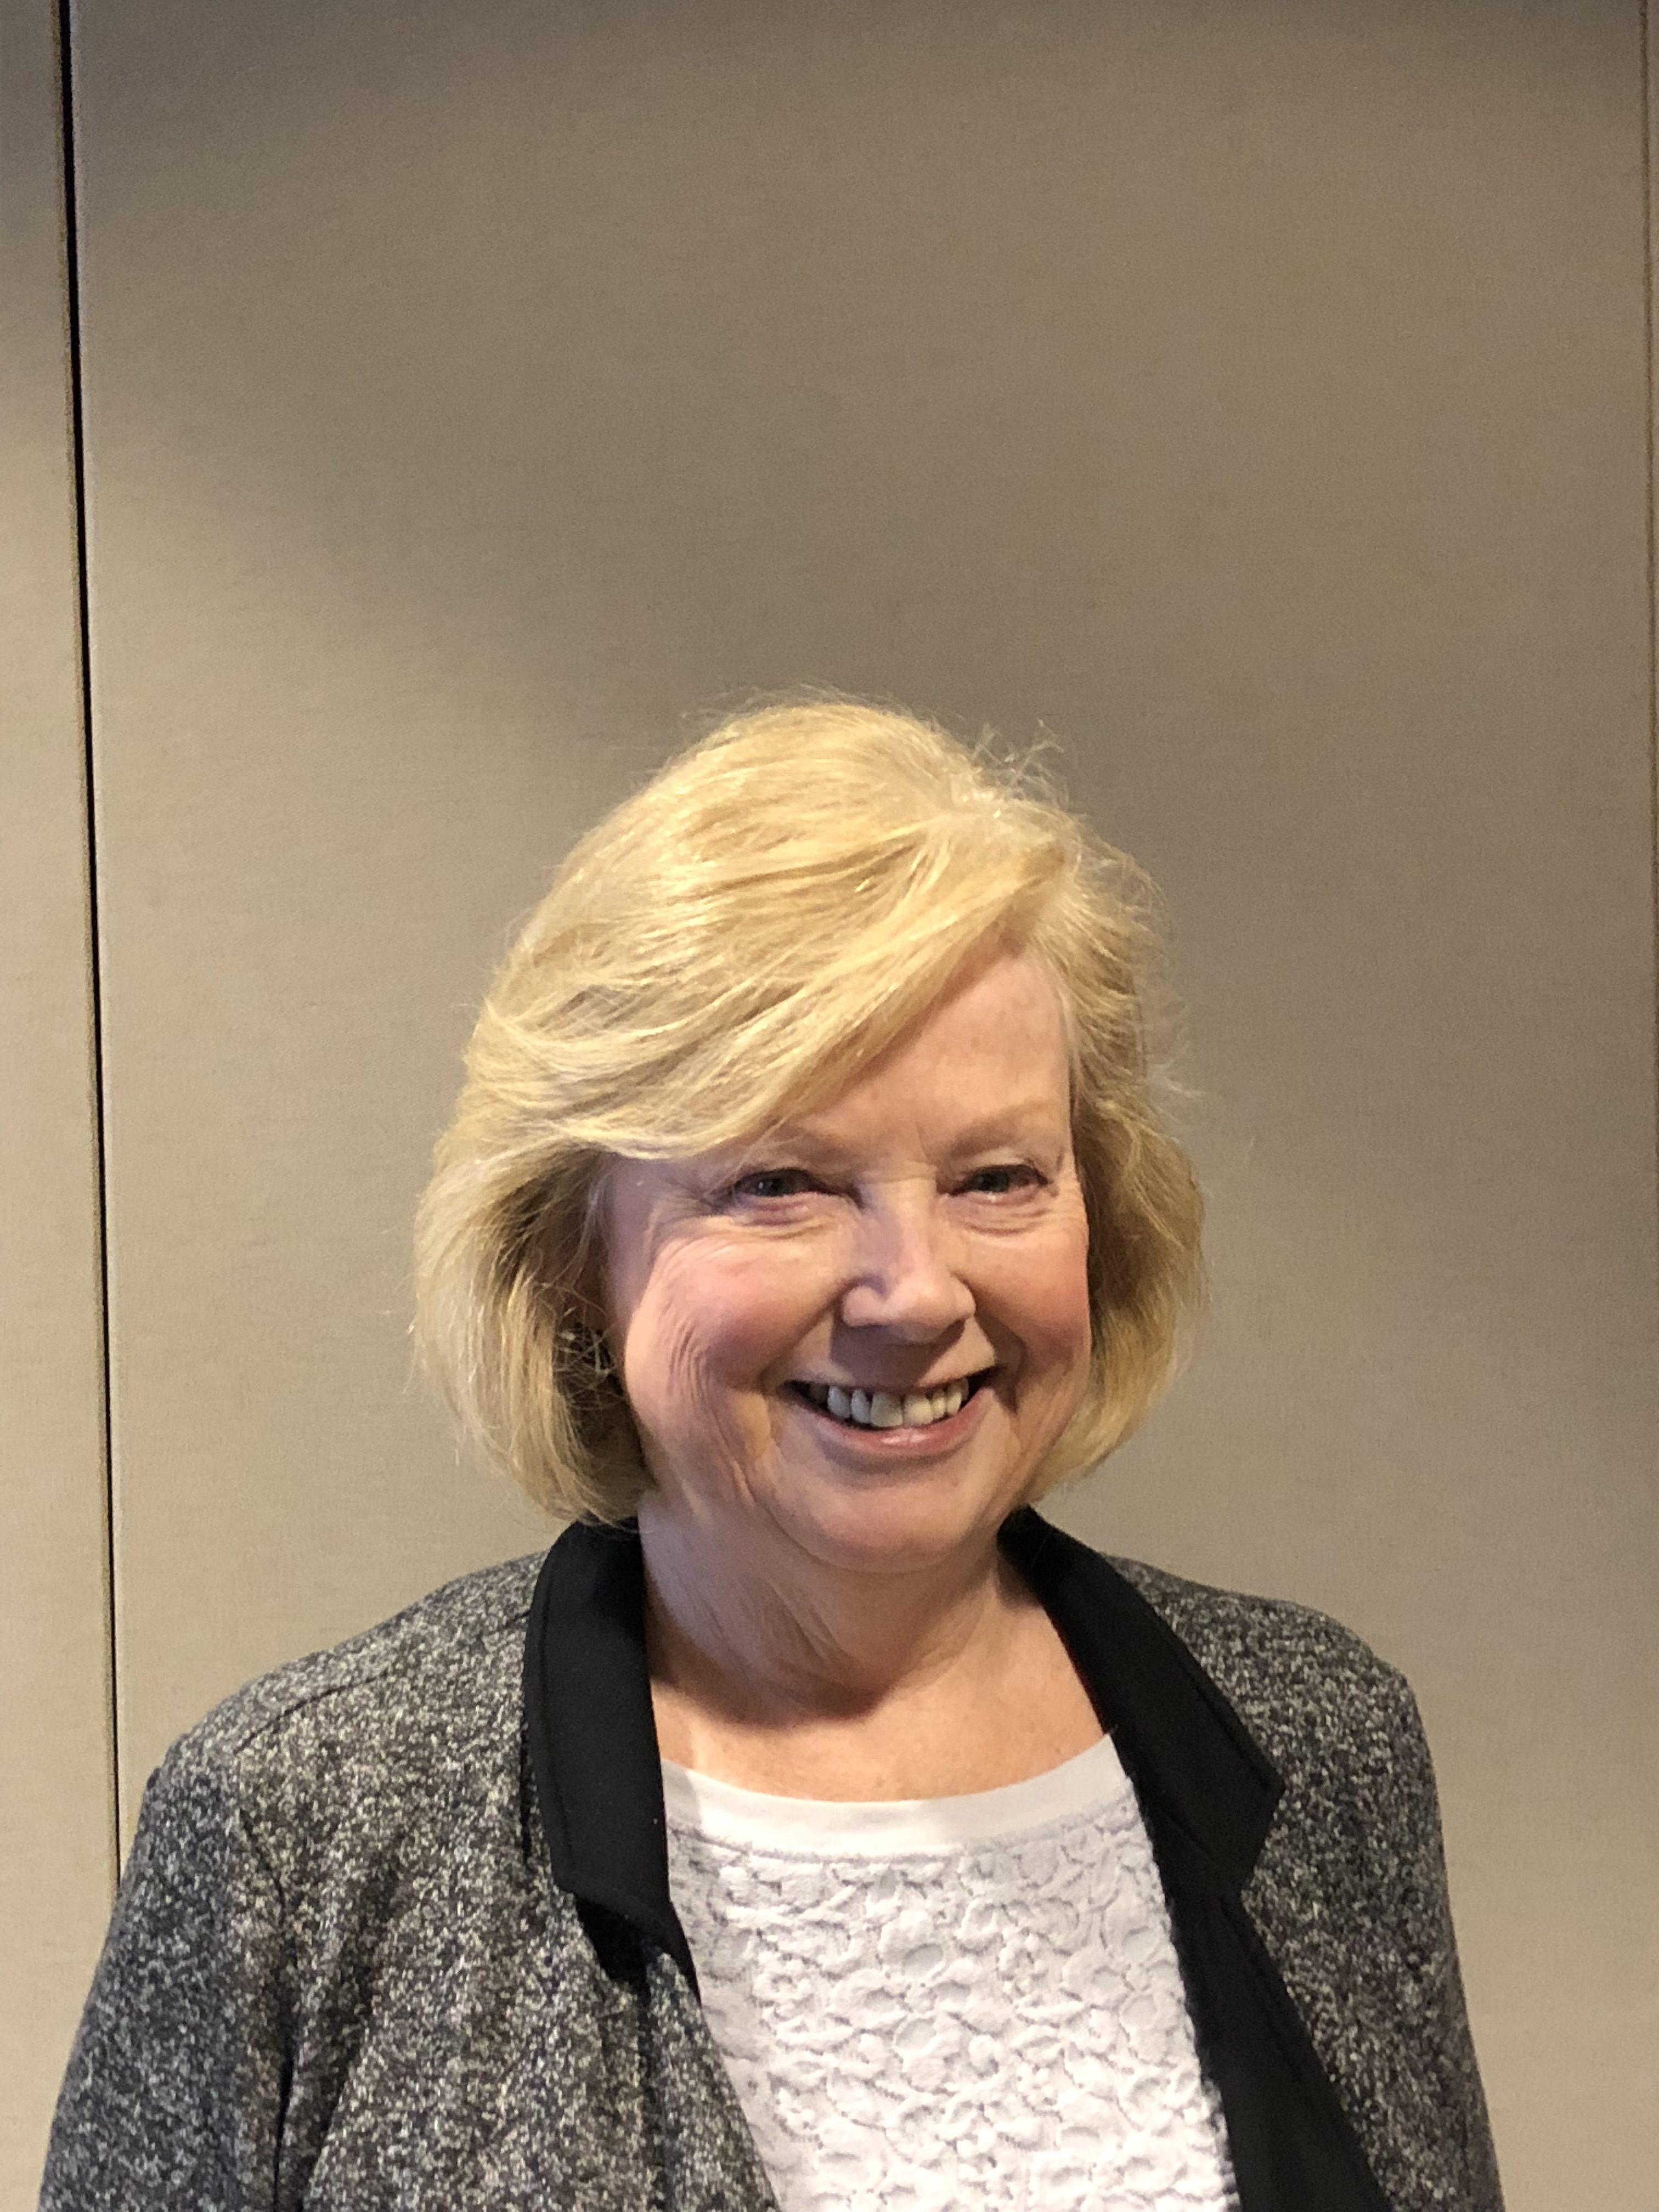 Mary DeJonge